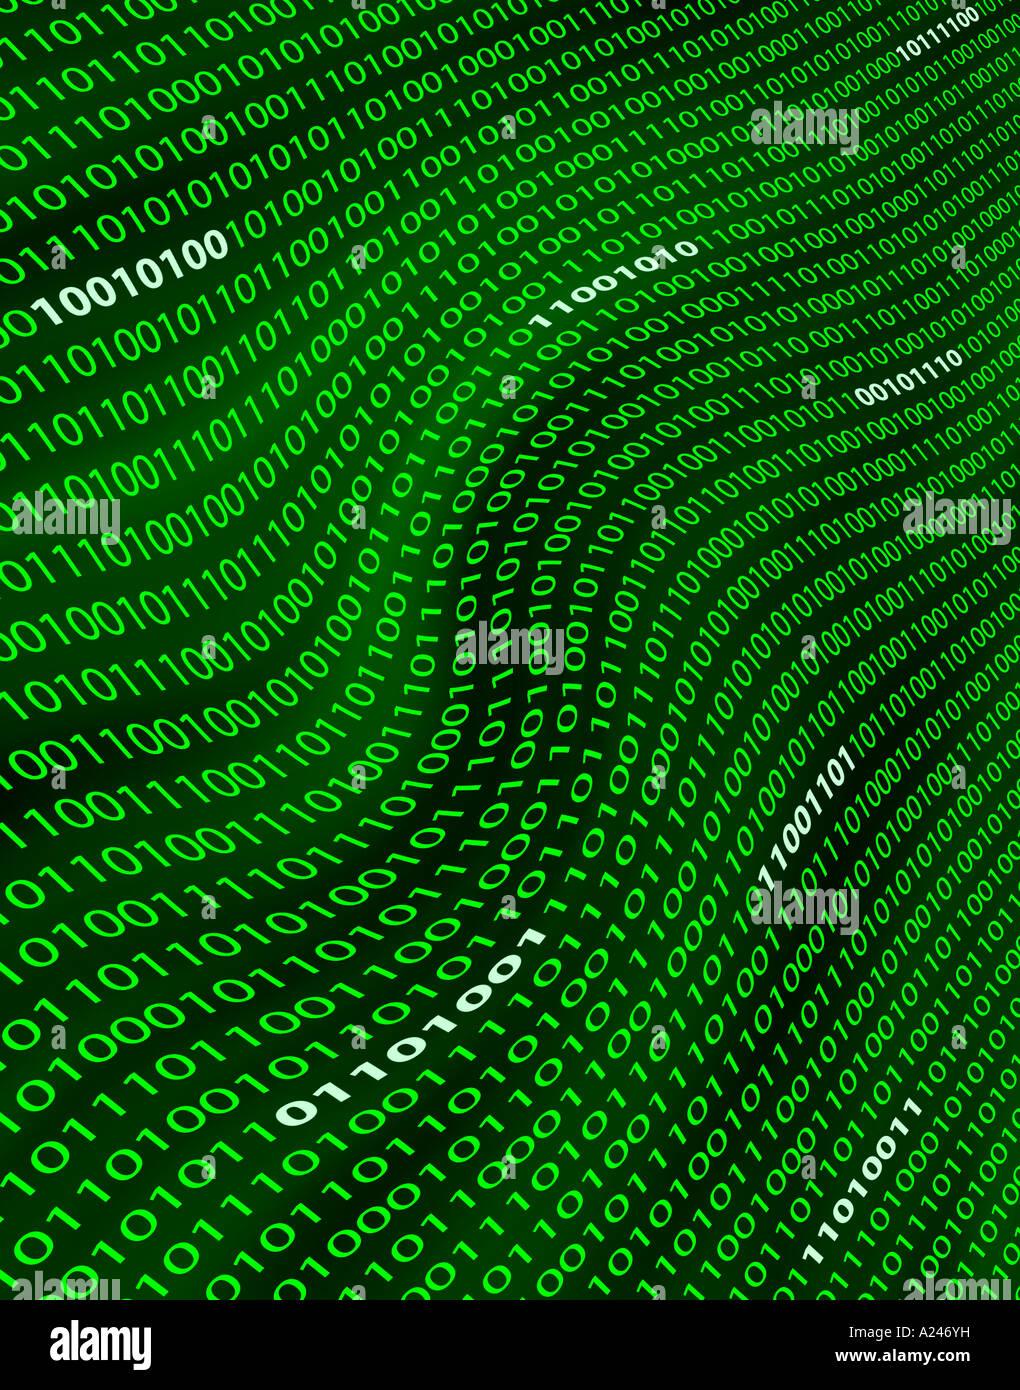 Eine verzerrte Digitalbereich grüne Binärzahlen oder code Stockbild